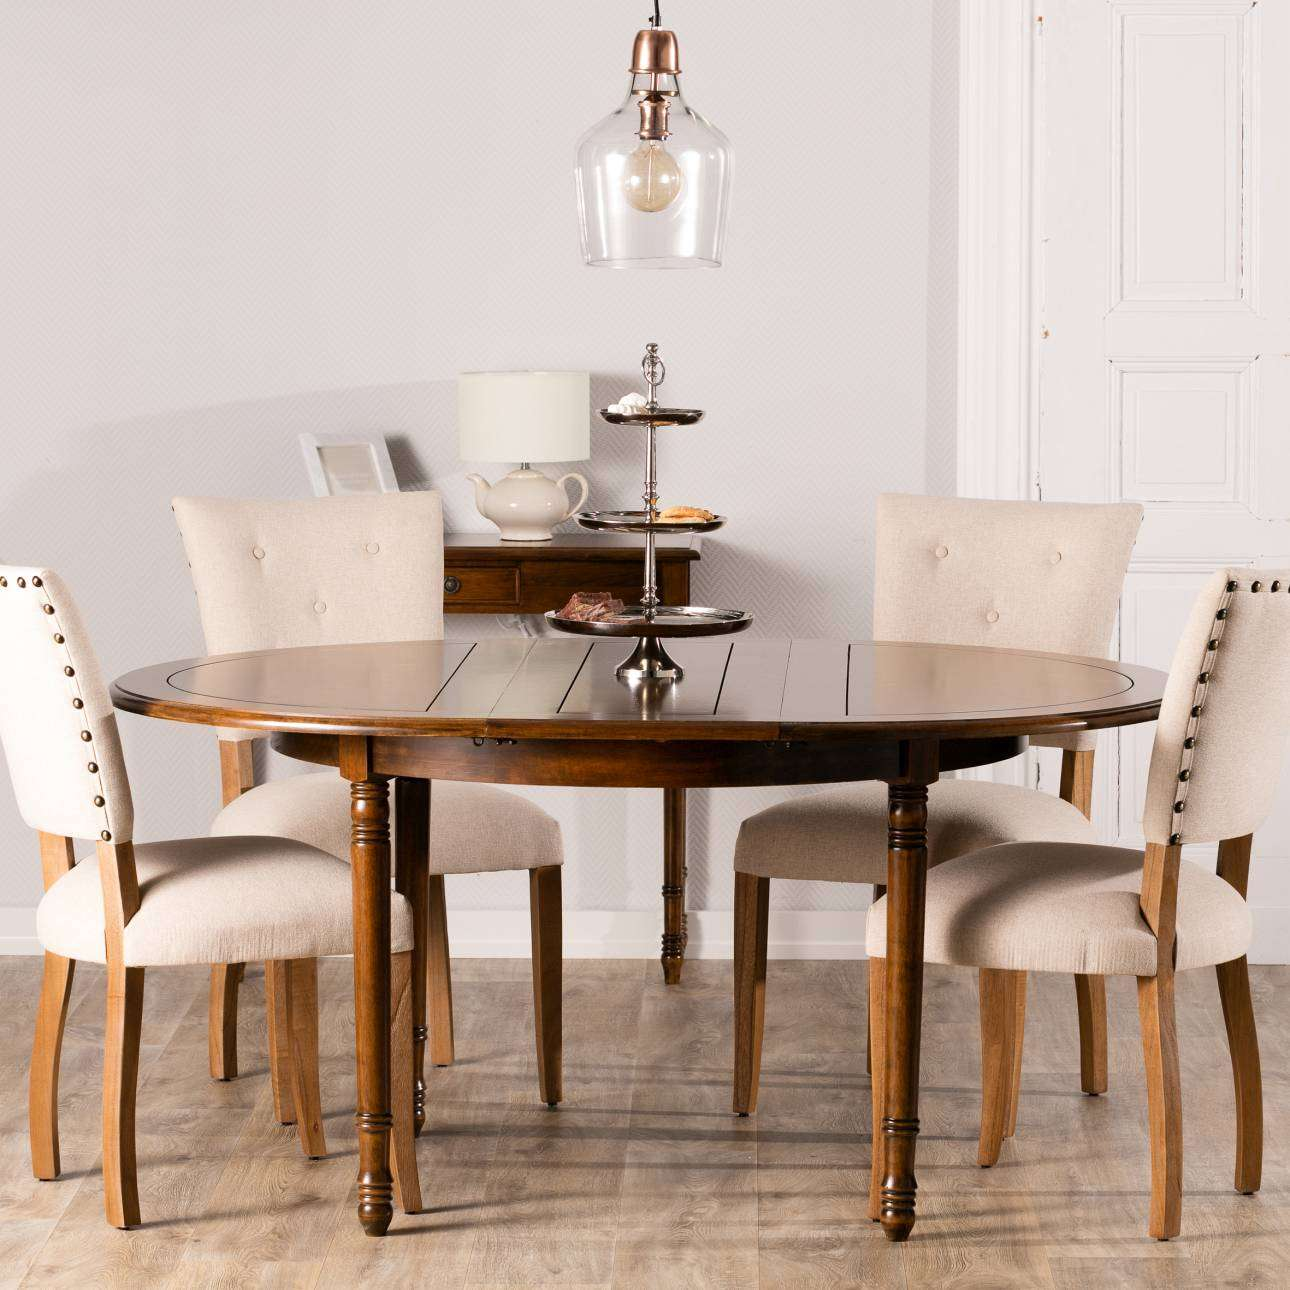 tisch ausklappbar 120x76cm 160x120x76cm dekoria. Black Bedroom Furniture Sets. Home Design Ideas